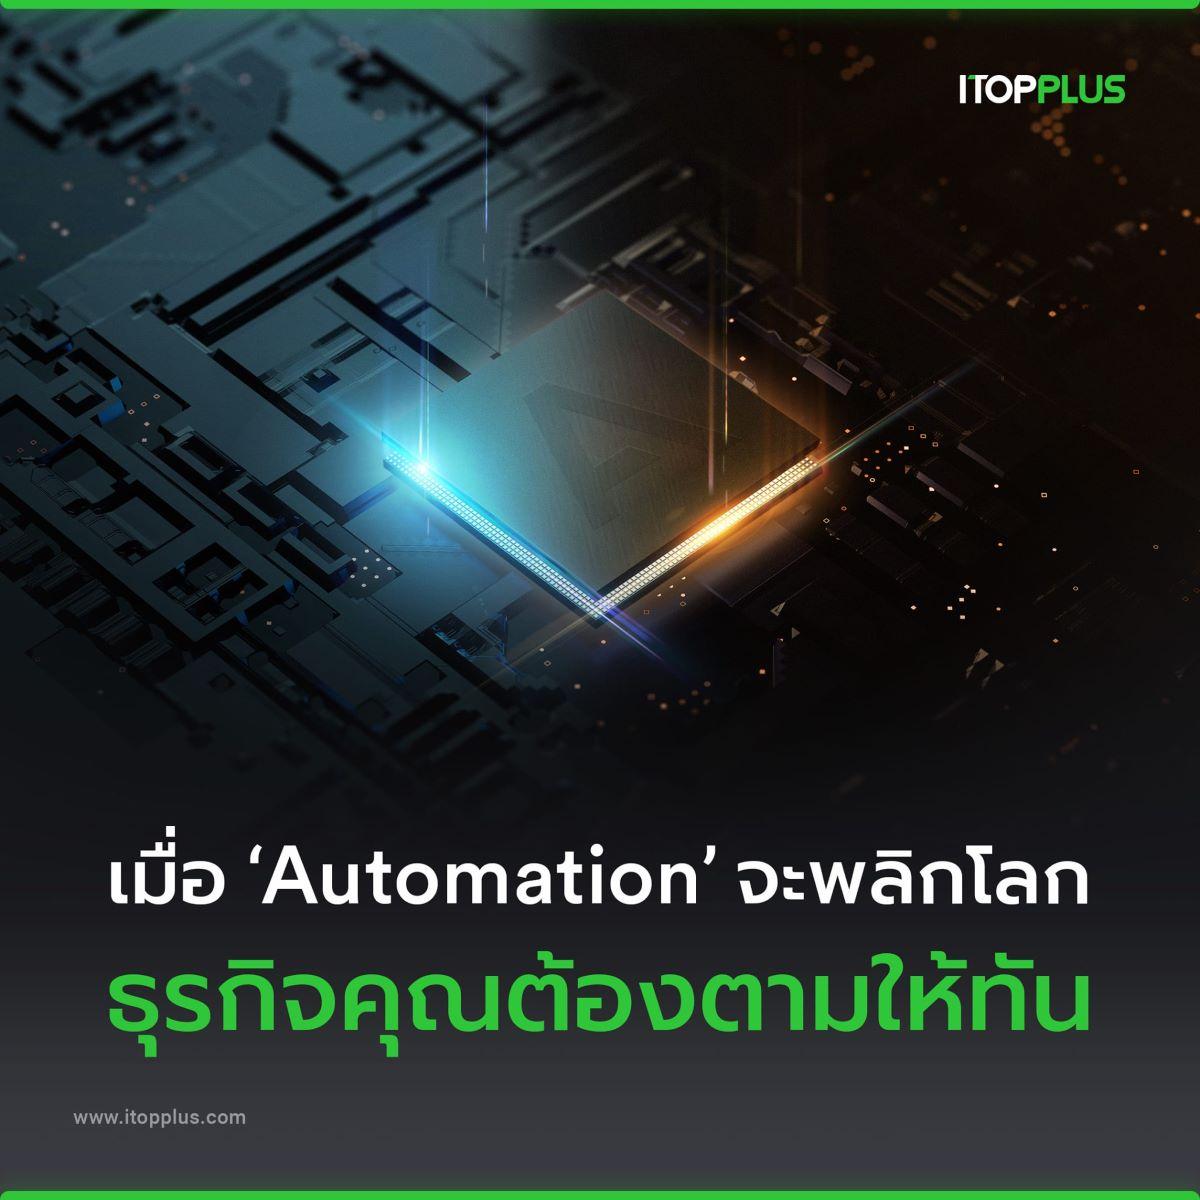 เมื่อ Automation จะพลิกโลก ธุรกิจคุณต้องตามให้ทัน